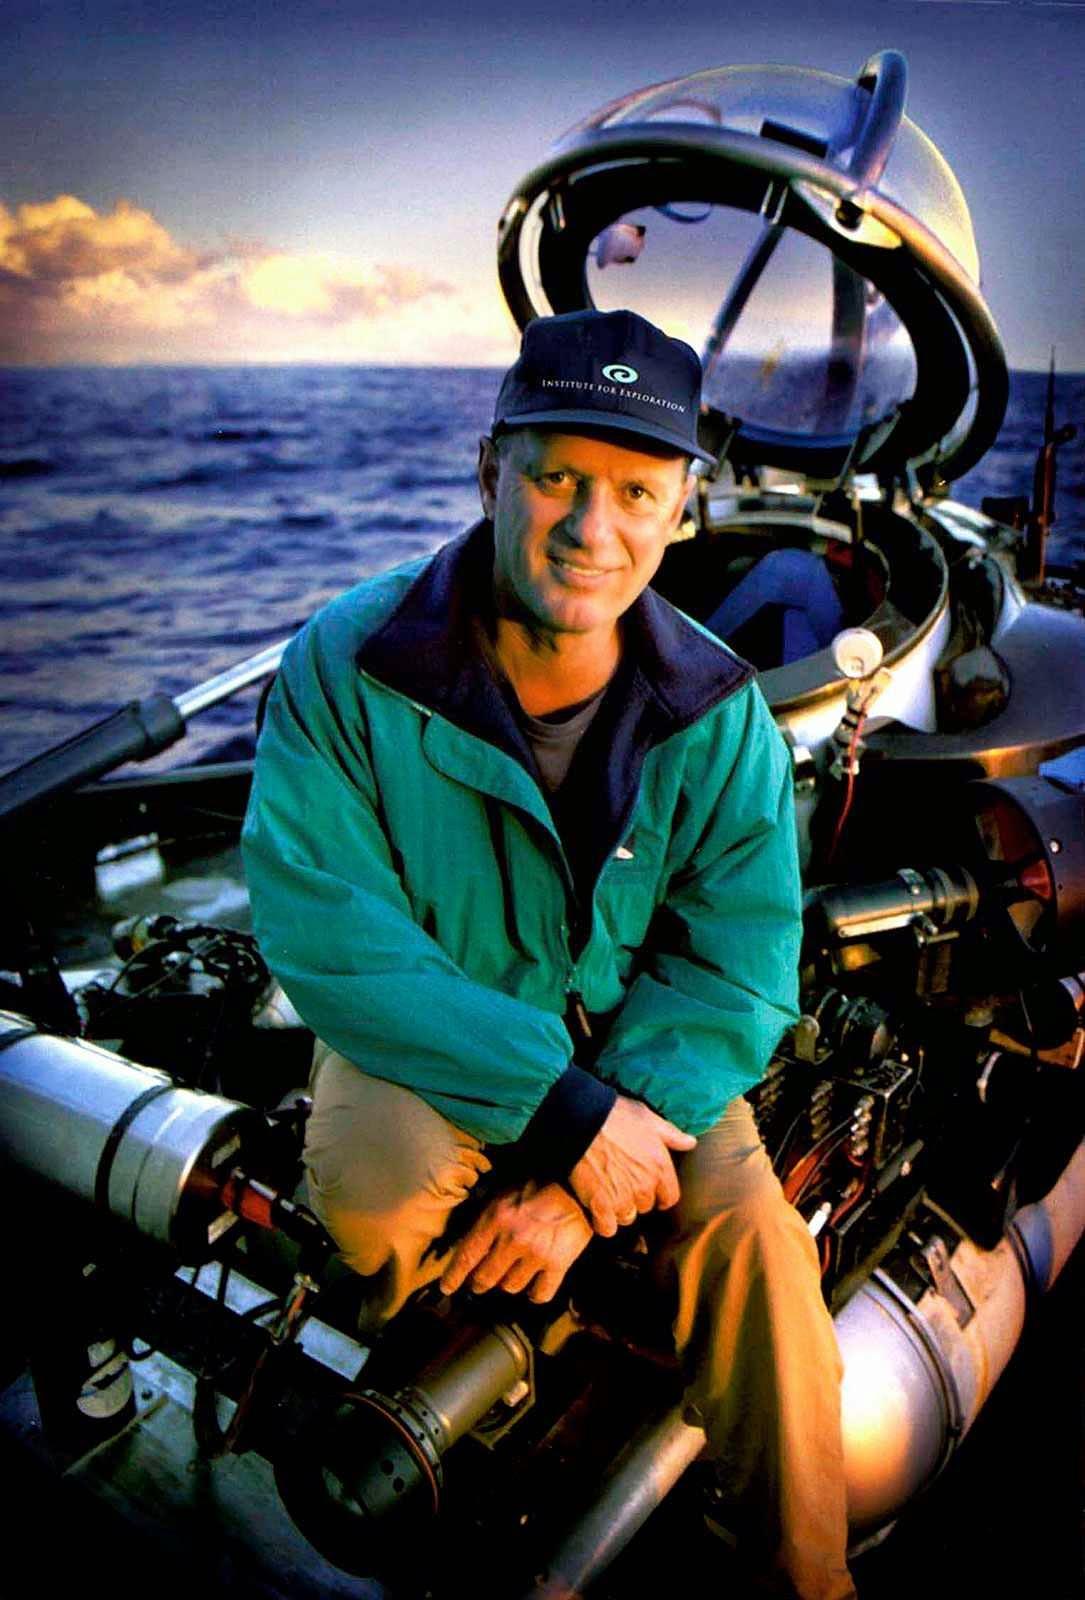 Trabalhos do Dr. Robert Ballard são patrocinados pela National Geographic Society dos EUA.